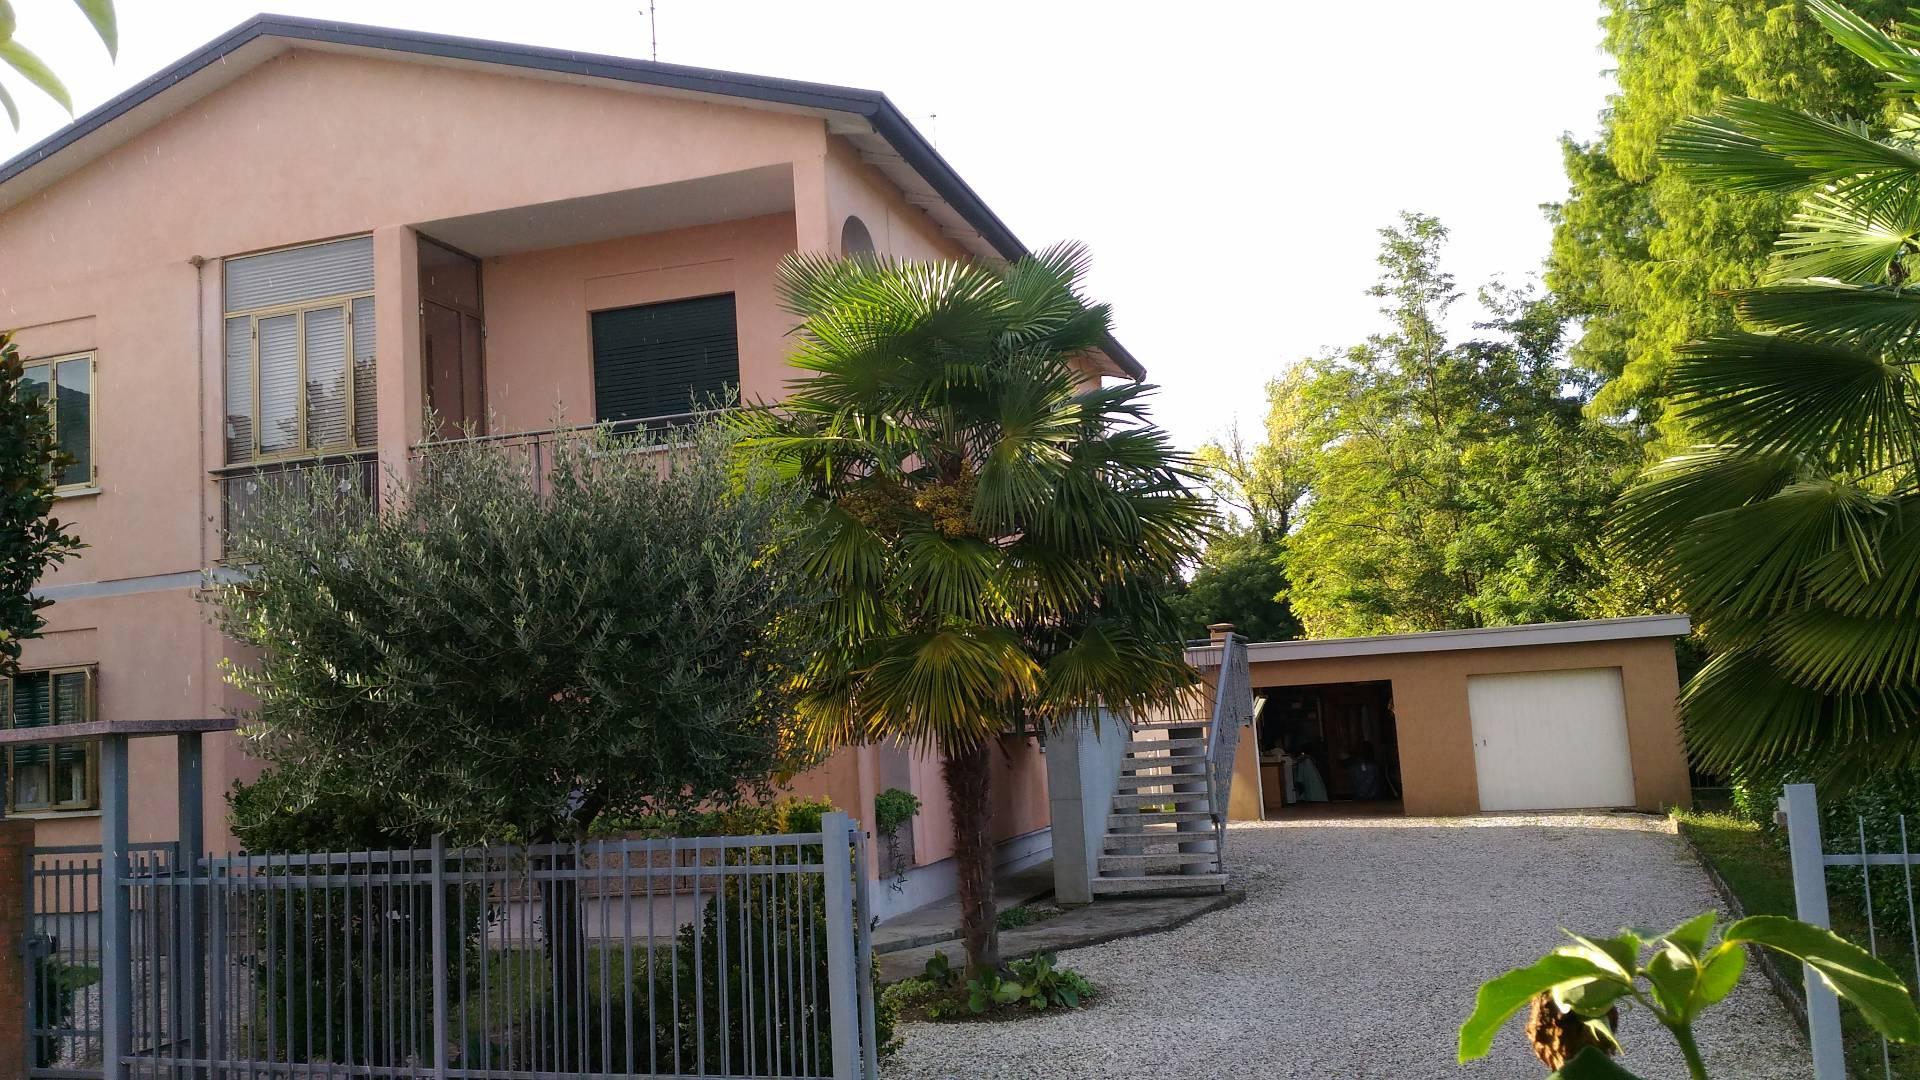 Appartamento in vendita a Carbonera, 5 locali, zona Località: Centro, prezzo € 130.000 | Cambio Casa.it